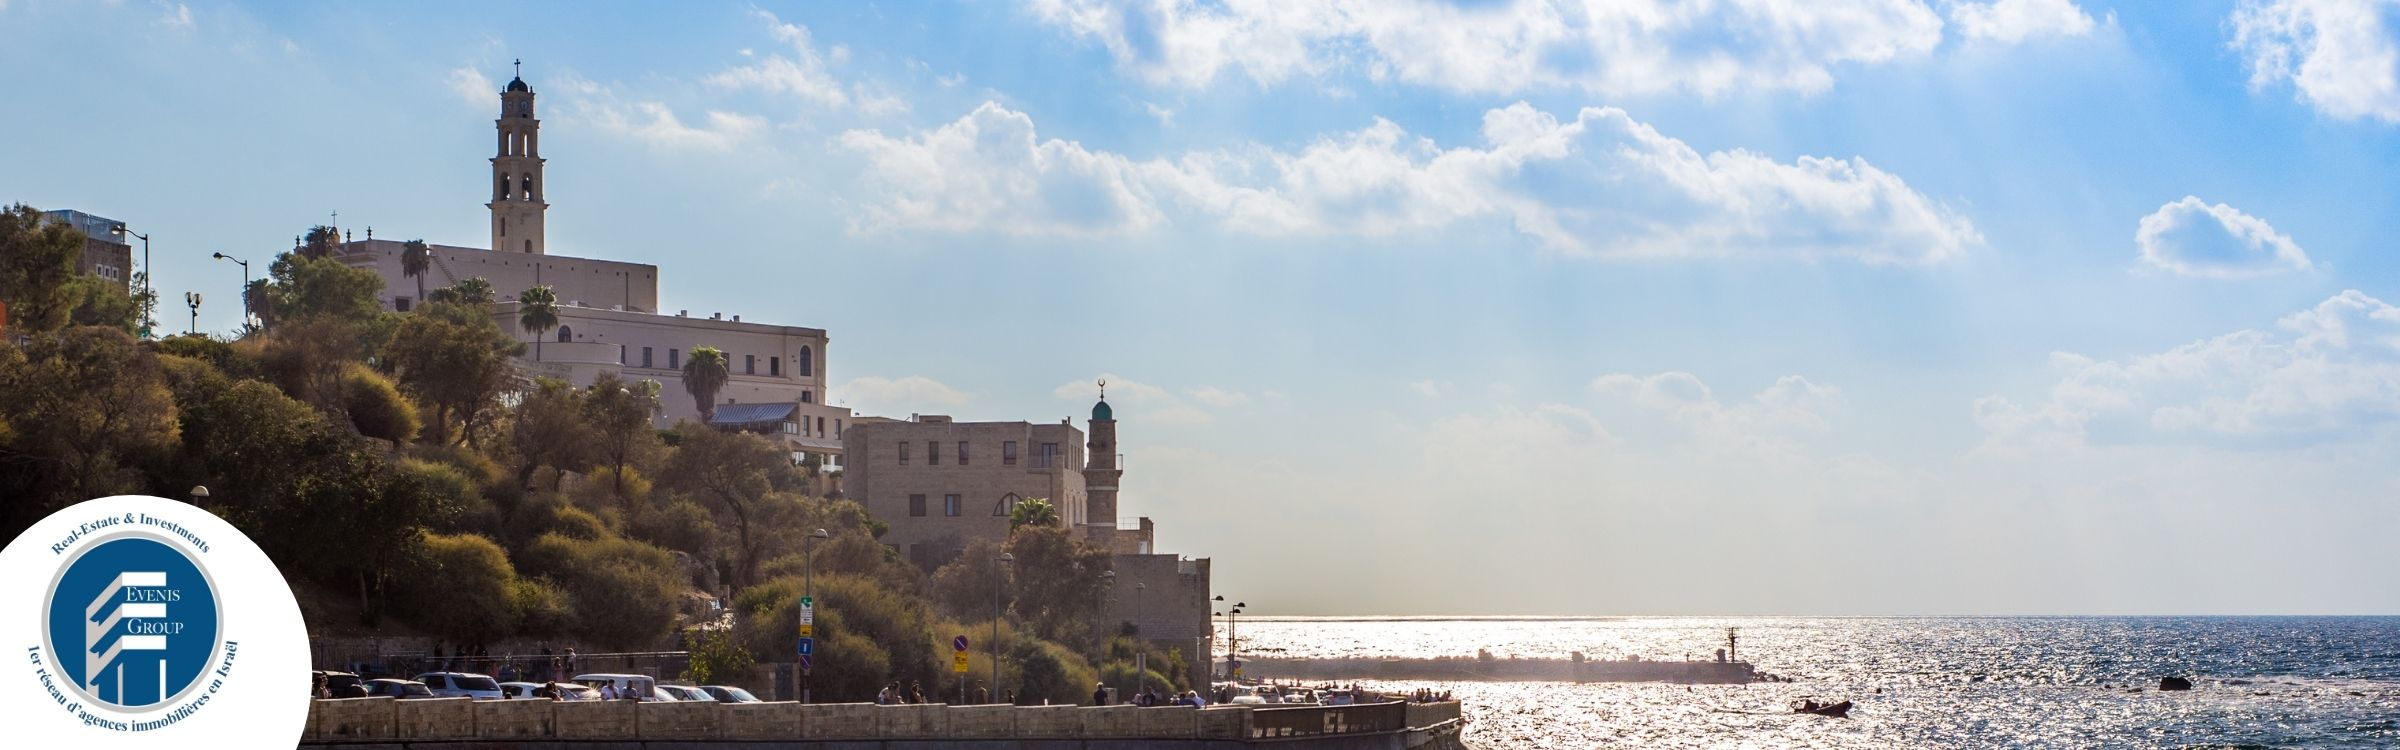 IMMOBILIER A JAFFA YAFO N ISRAEL 2021